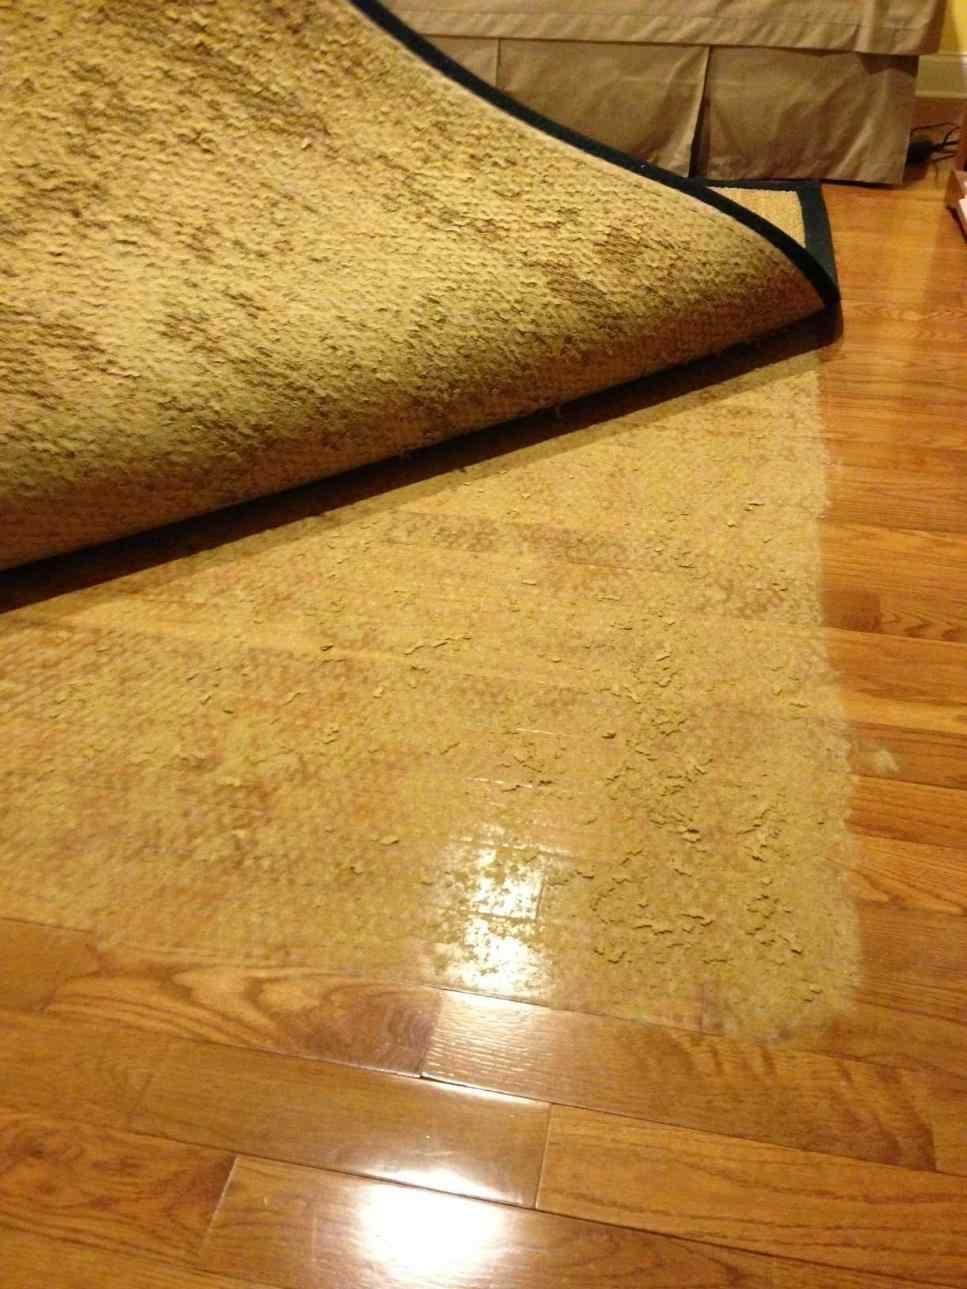 Park Art My WordPress Blog_Rugs For Hardwood Floors Backing